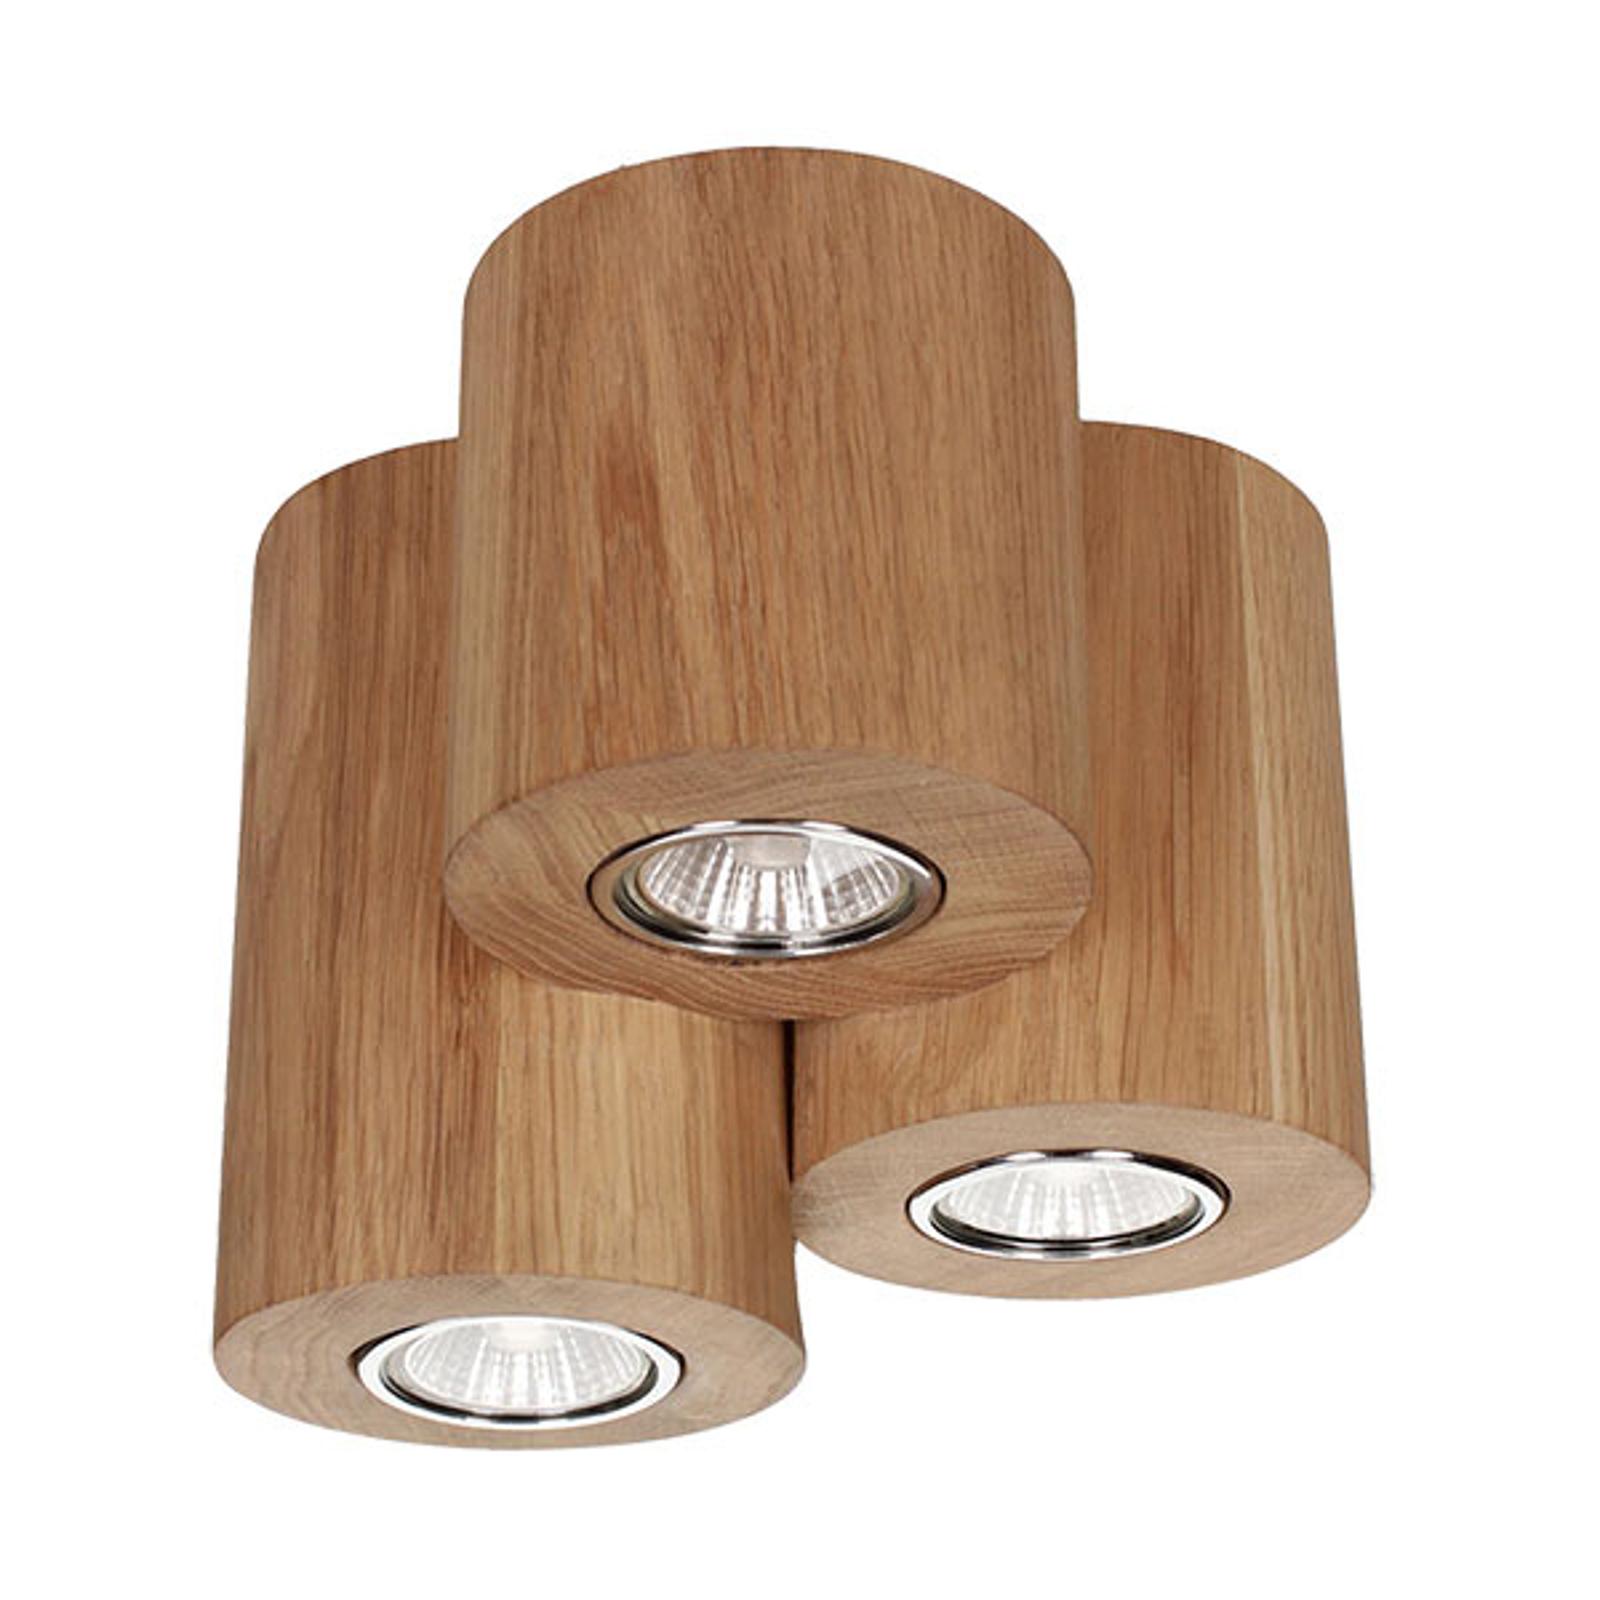 Kattovalaisin Wooddream 3-lamppuinen tammi pyöreä